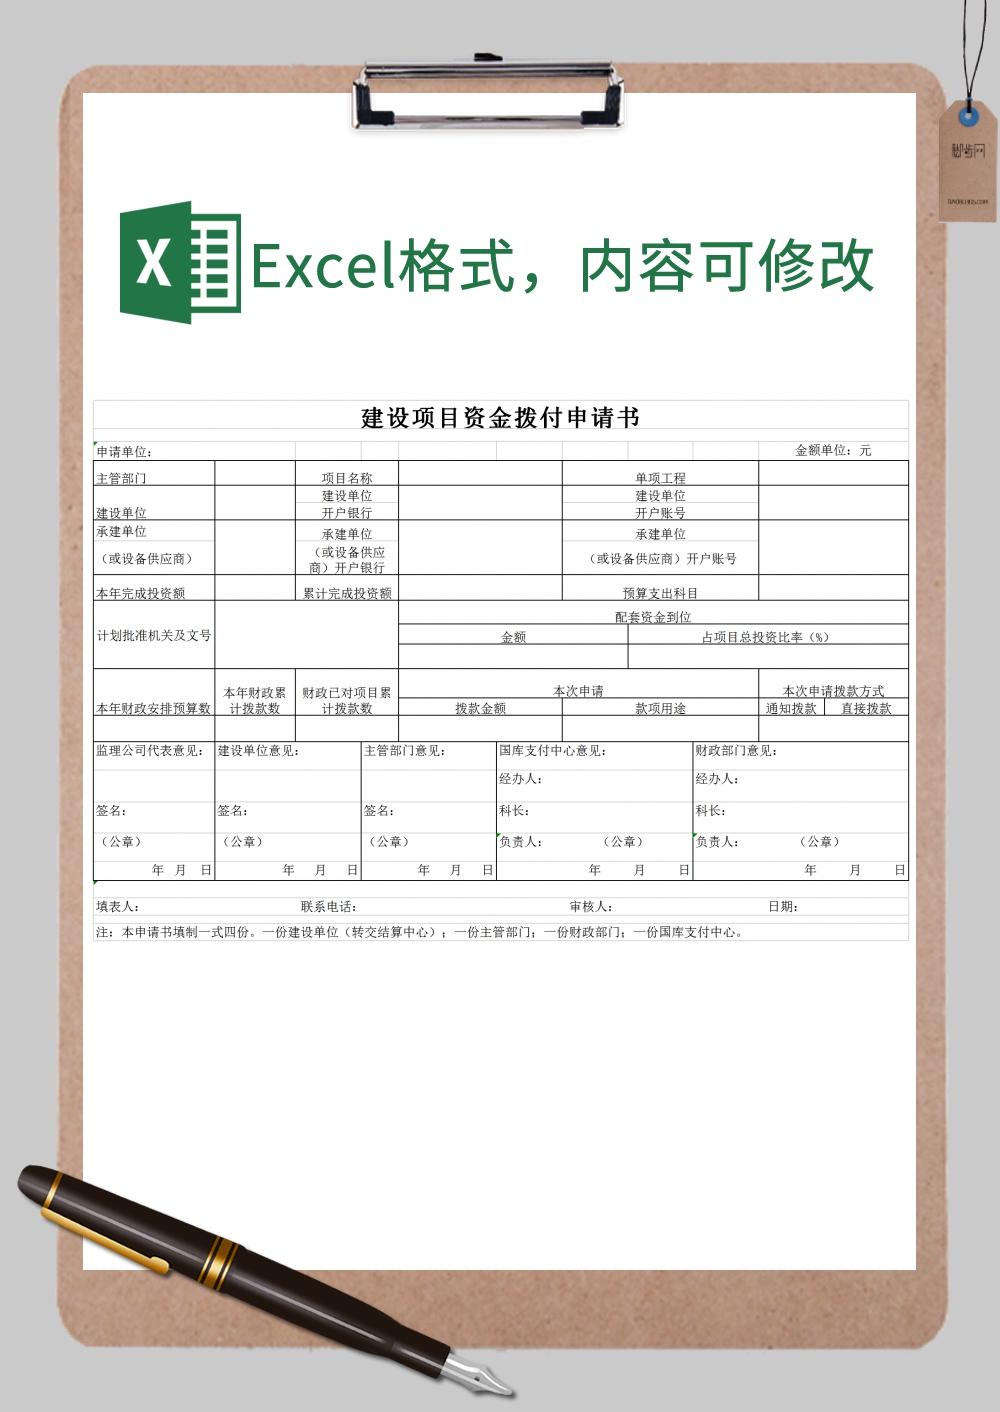 建设项目资金拨付申请书Excel模板